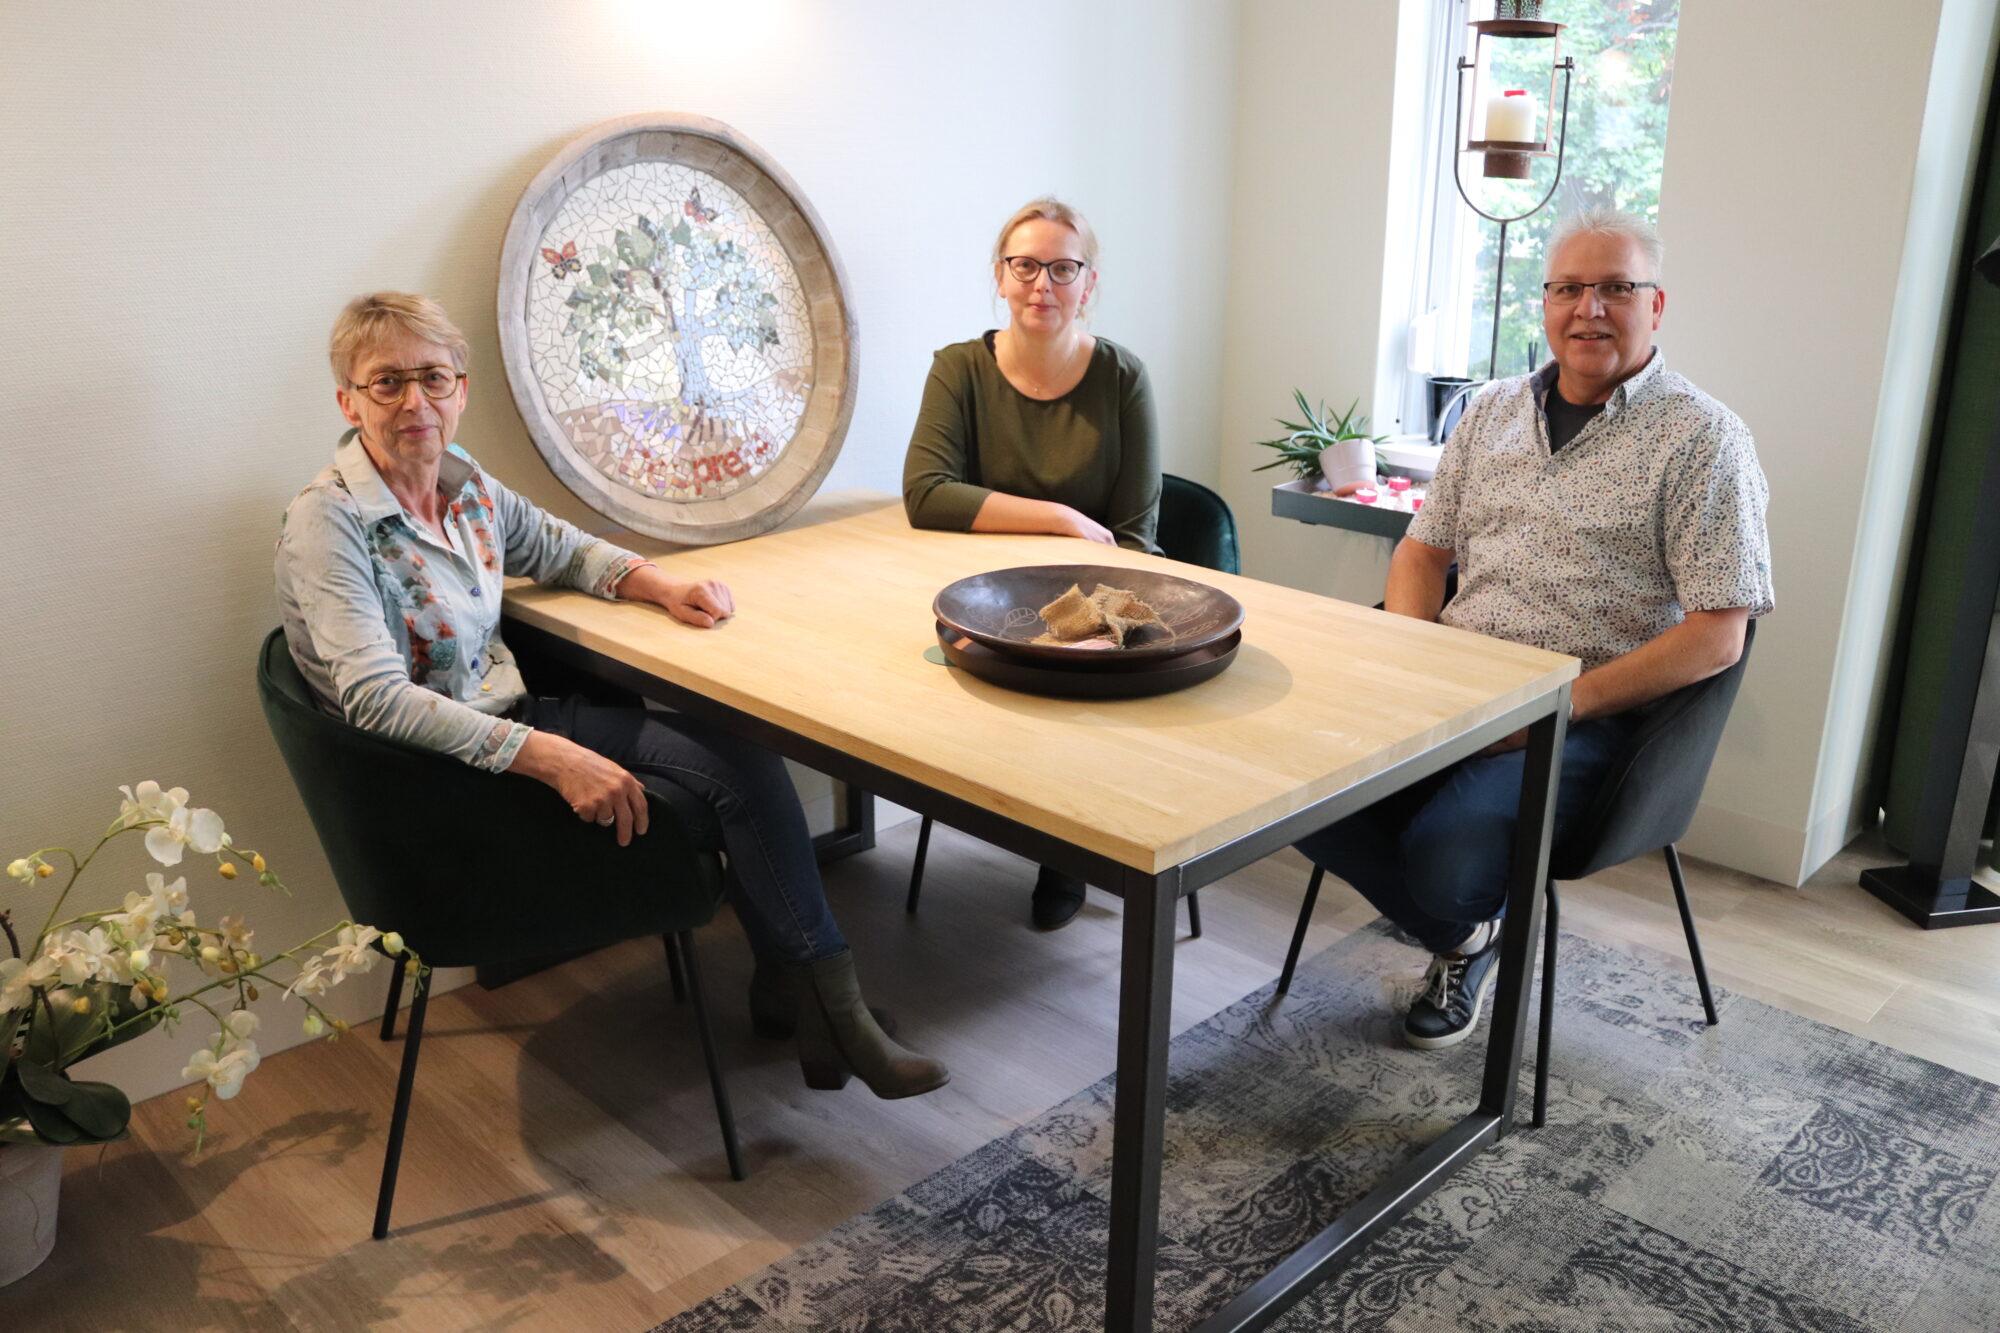 Hospice De Spreng: 'Sterven met een lach en een traan'